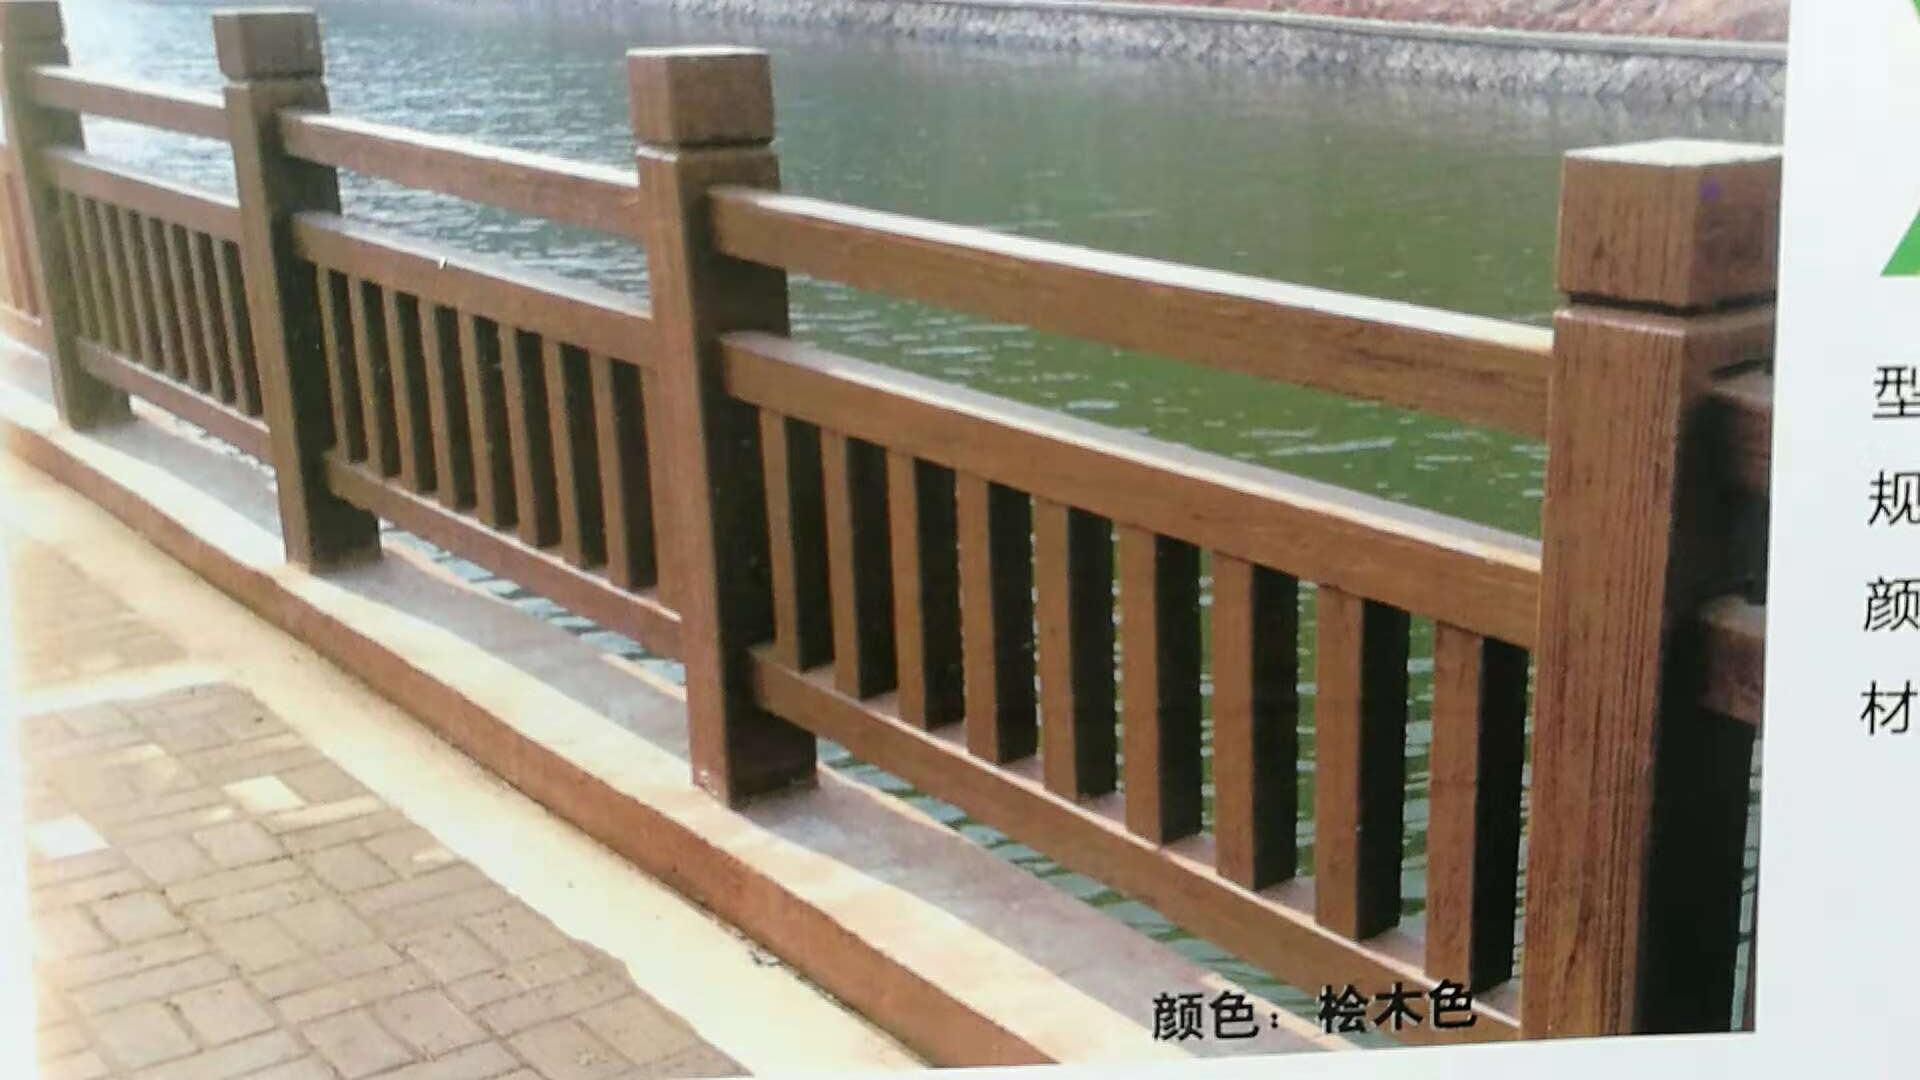 水泥仿木栏杆工厂,水泥仿木栏杆